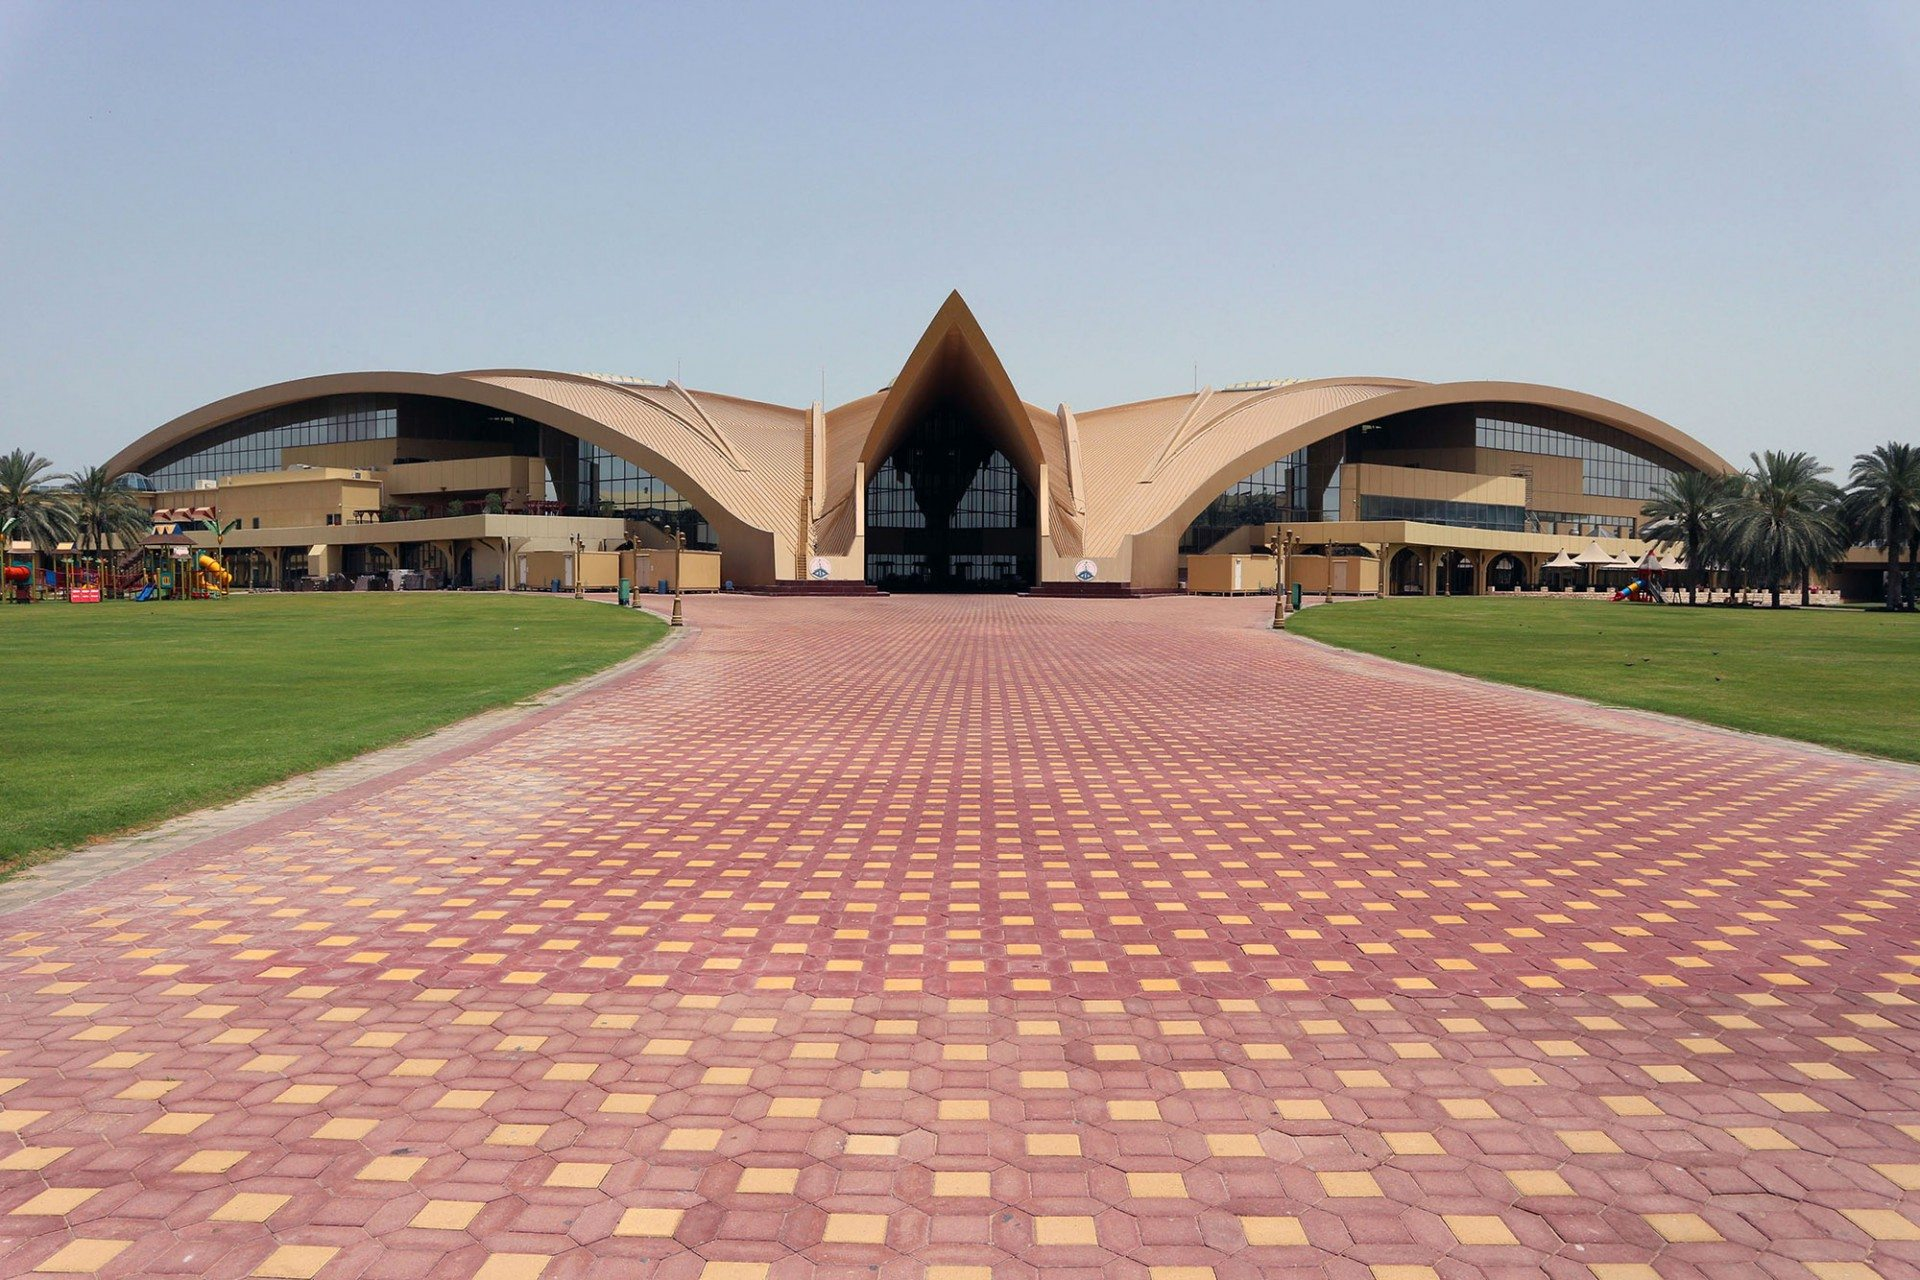 """Weitläufig. Auf den begrünt-befestigten Flächen des kreisrunden """"Club Garden"""" finden wechselnde Veranstaltungen statt, und es ist reichlich Platz zum Spielen. Die Fünfsterneanlage wurde auf dem Arabian Travel Market in Dubai 2016 mit dem """"Best Family Destination Award"""" ausgezeichnet."""